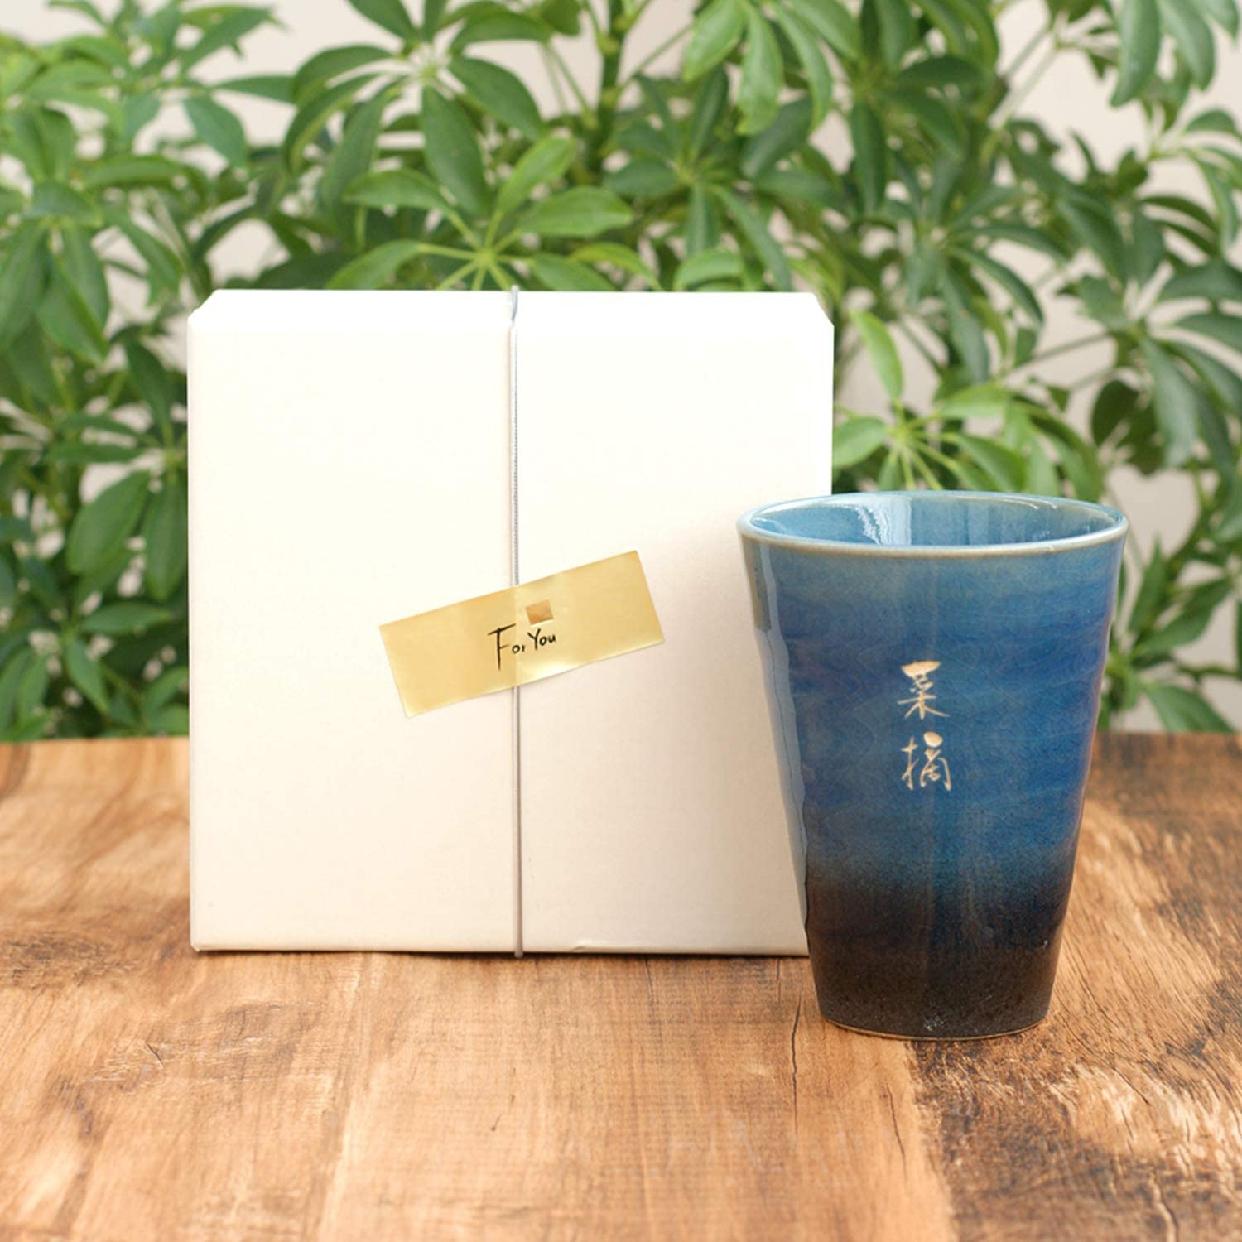 きざむ名入れ 信楽焼 GemCup(ジェムカップ)  エメラルドグリーンの商品画像4